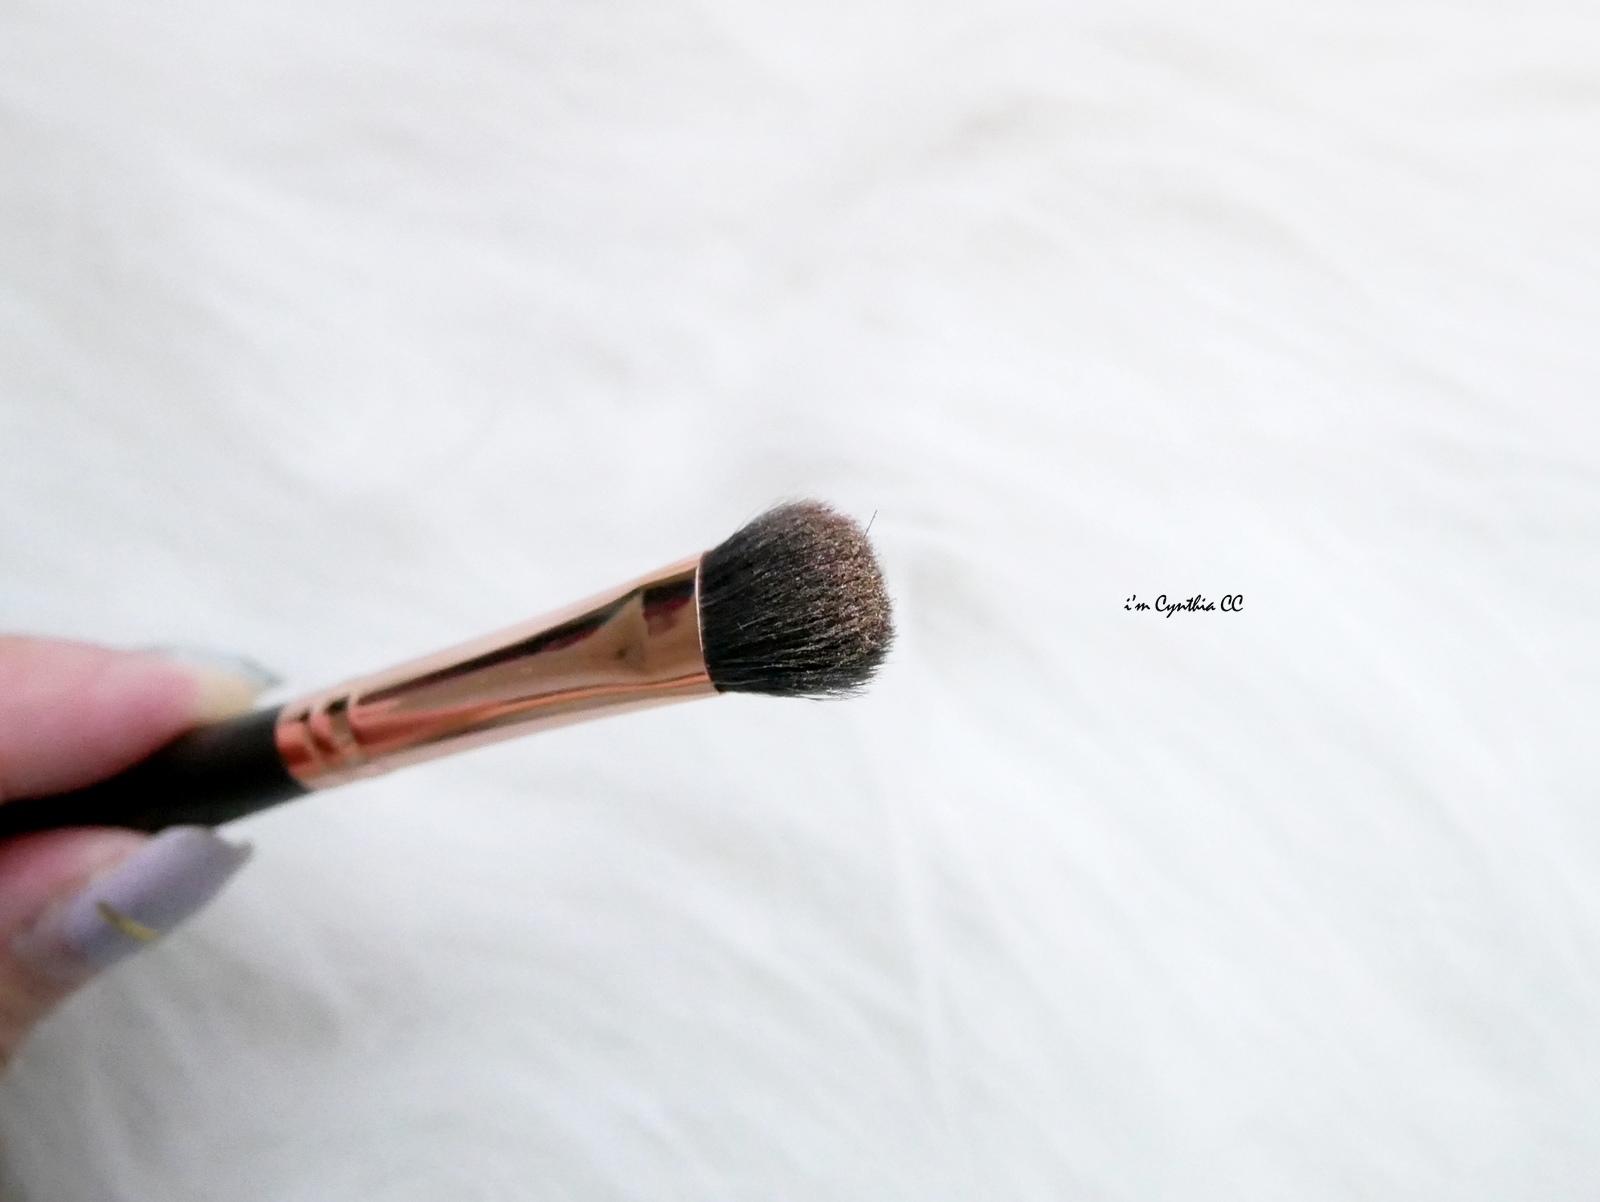 Rivau Beauty頂級灰鼠混羊毛刷具 新手也能輕鬆駕馭眼妝暈染和煙燻妝